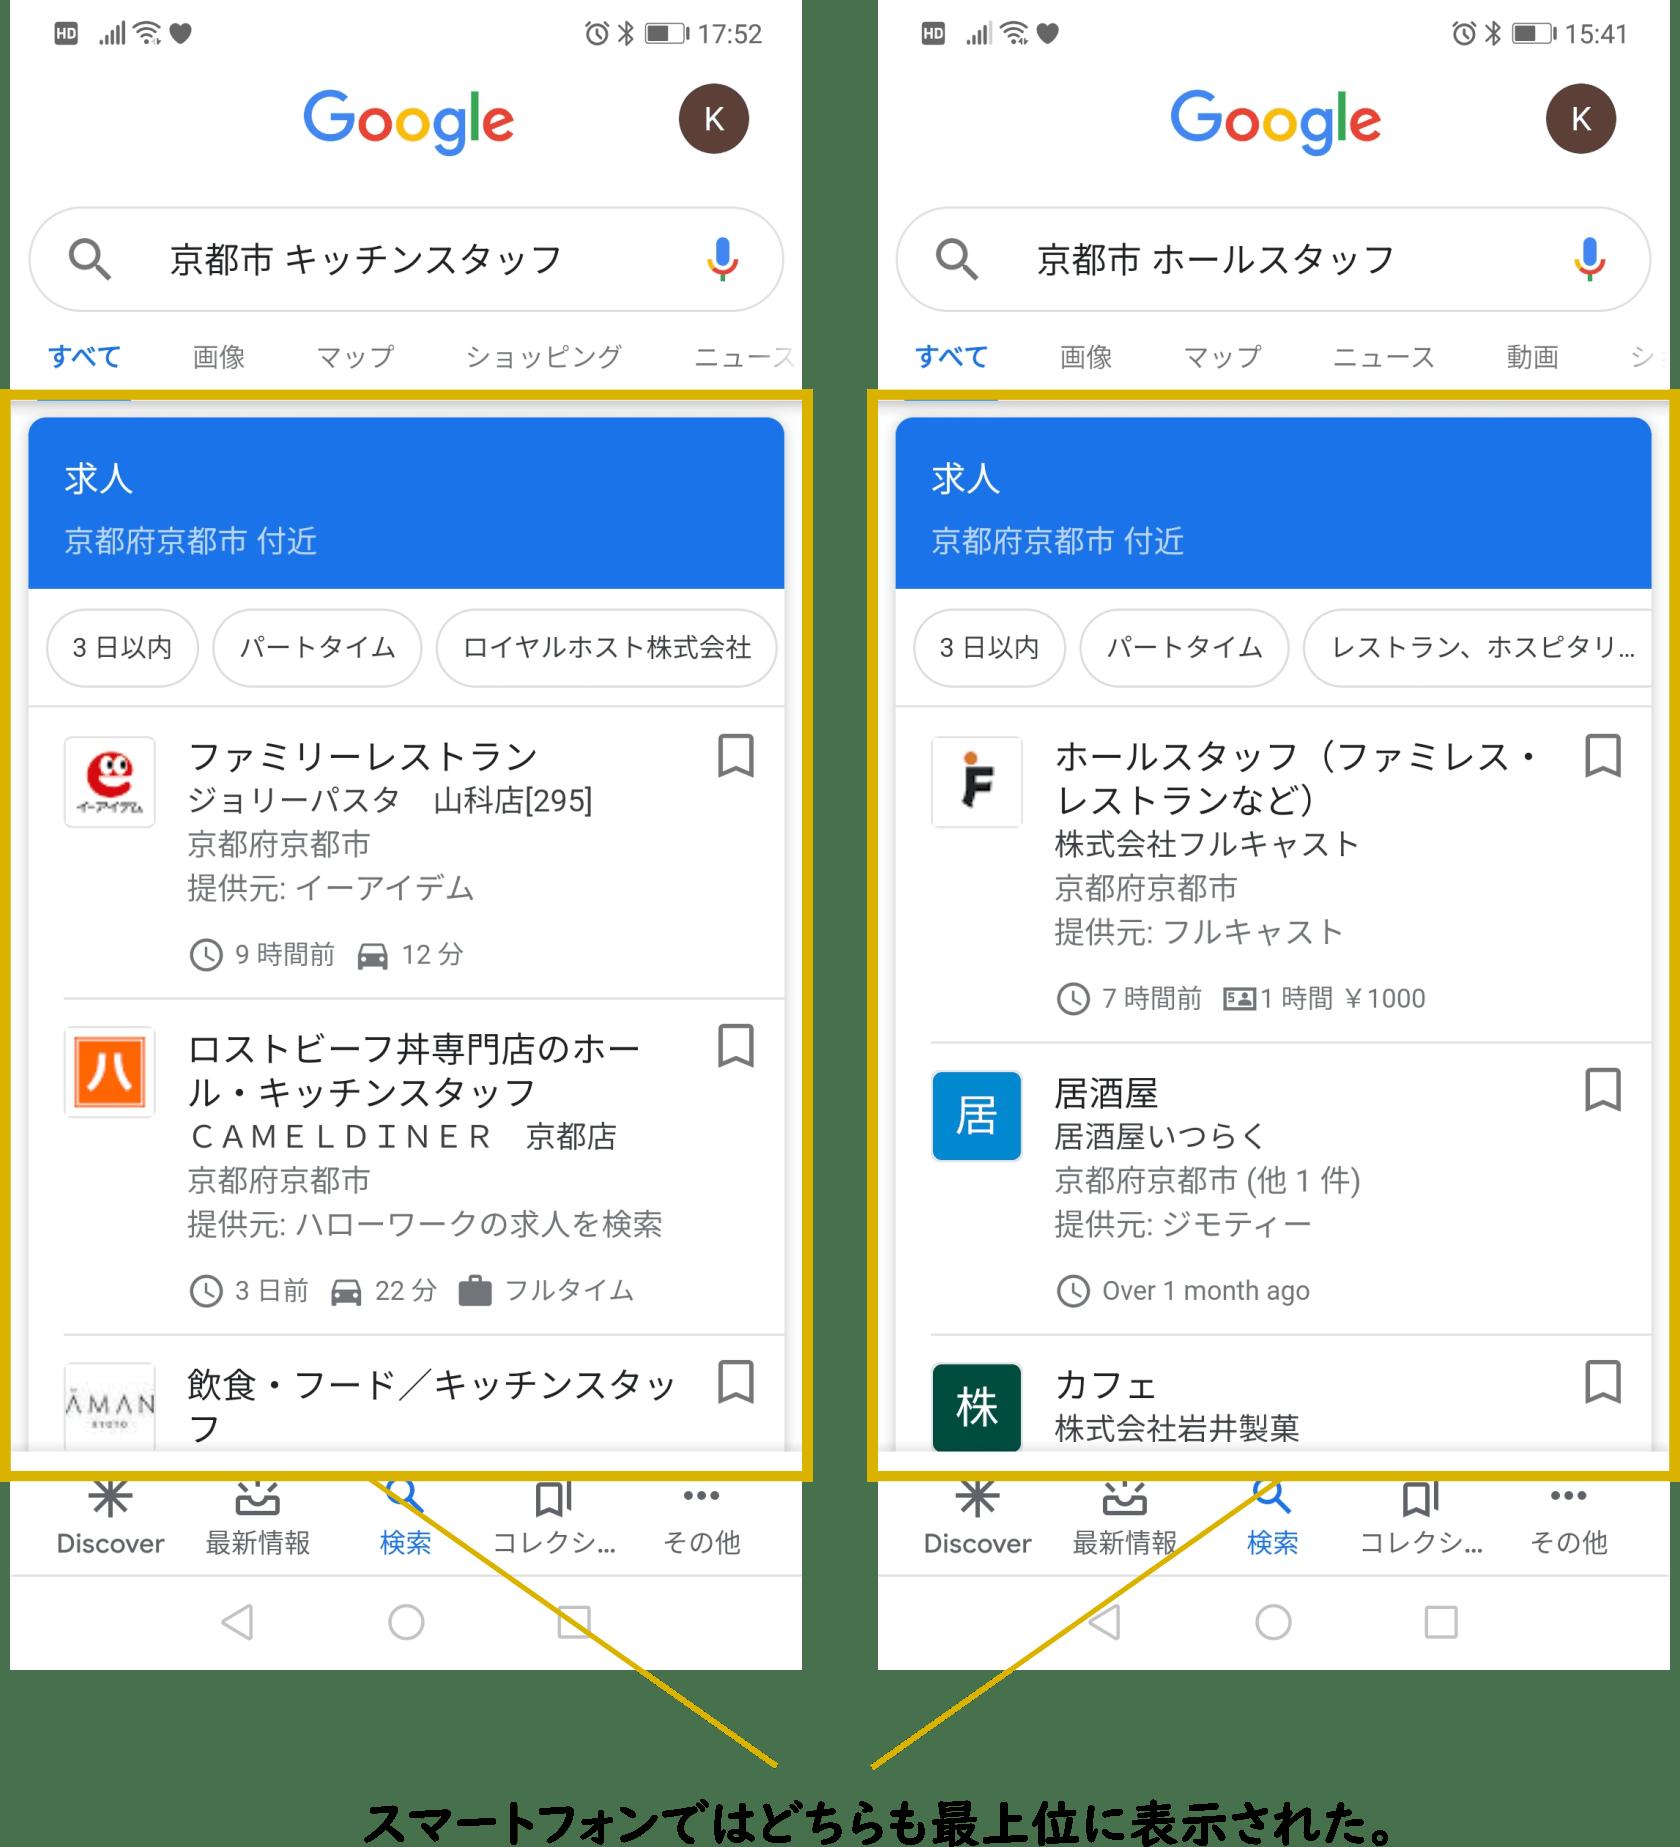 スマートフォンでの表示の画像